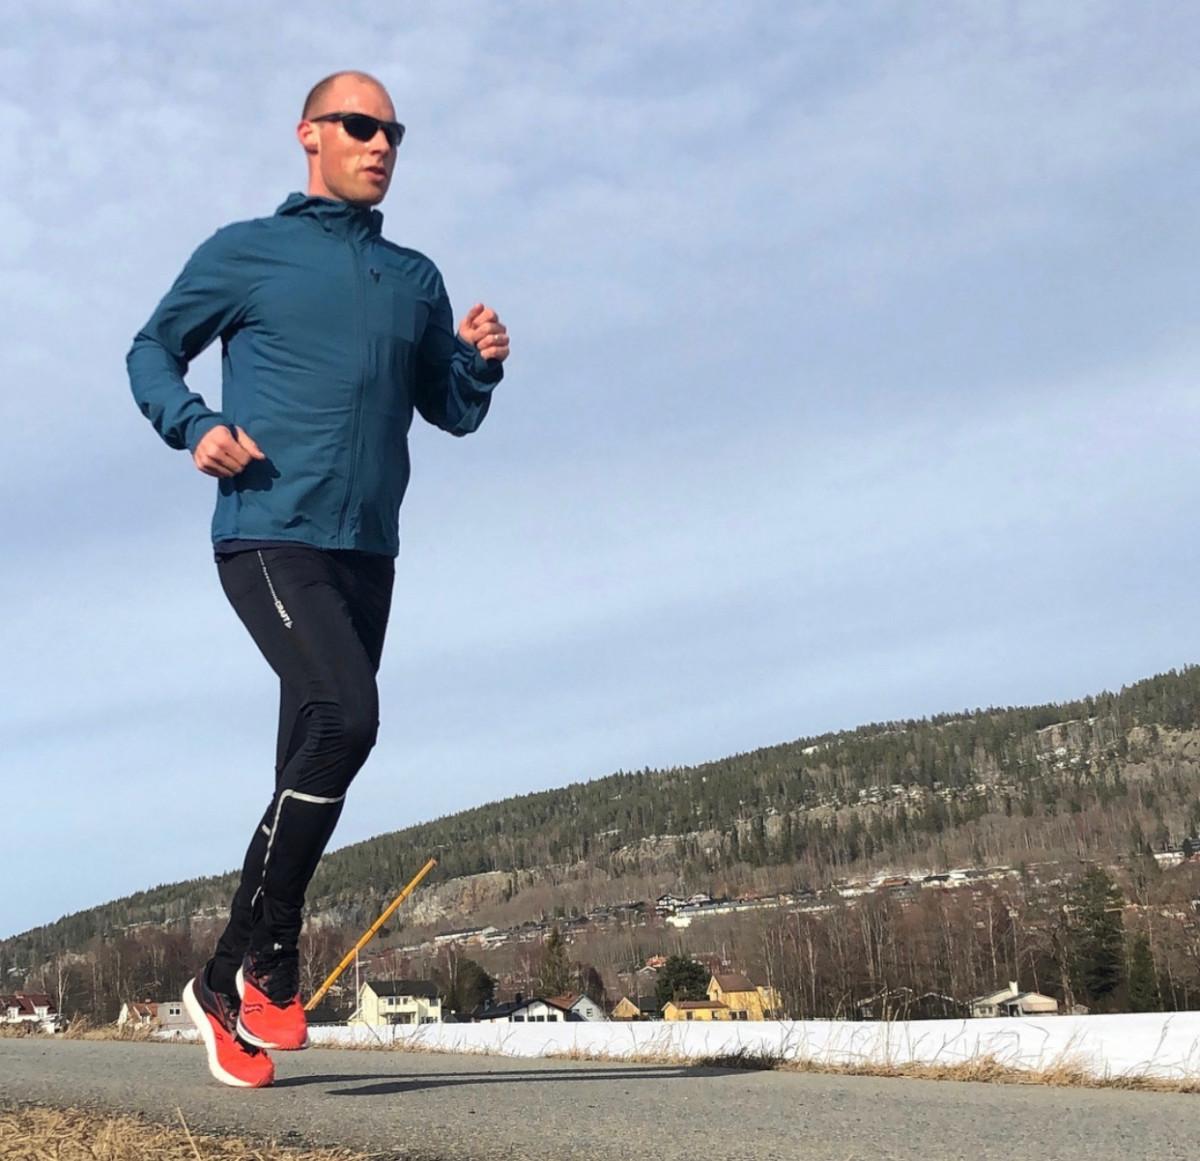 Anders deler sin favoritt blant flere løpsøkter; det er nok 6-8km rett over og rett under terskelfart. Koster en del, men følelsen etterpå er nydelig.